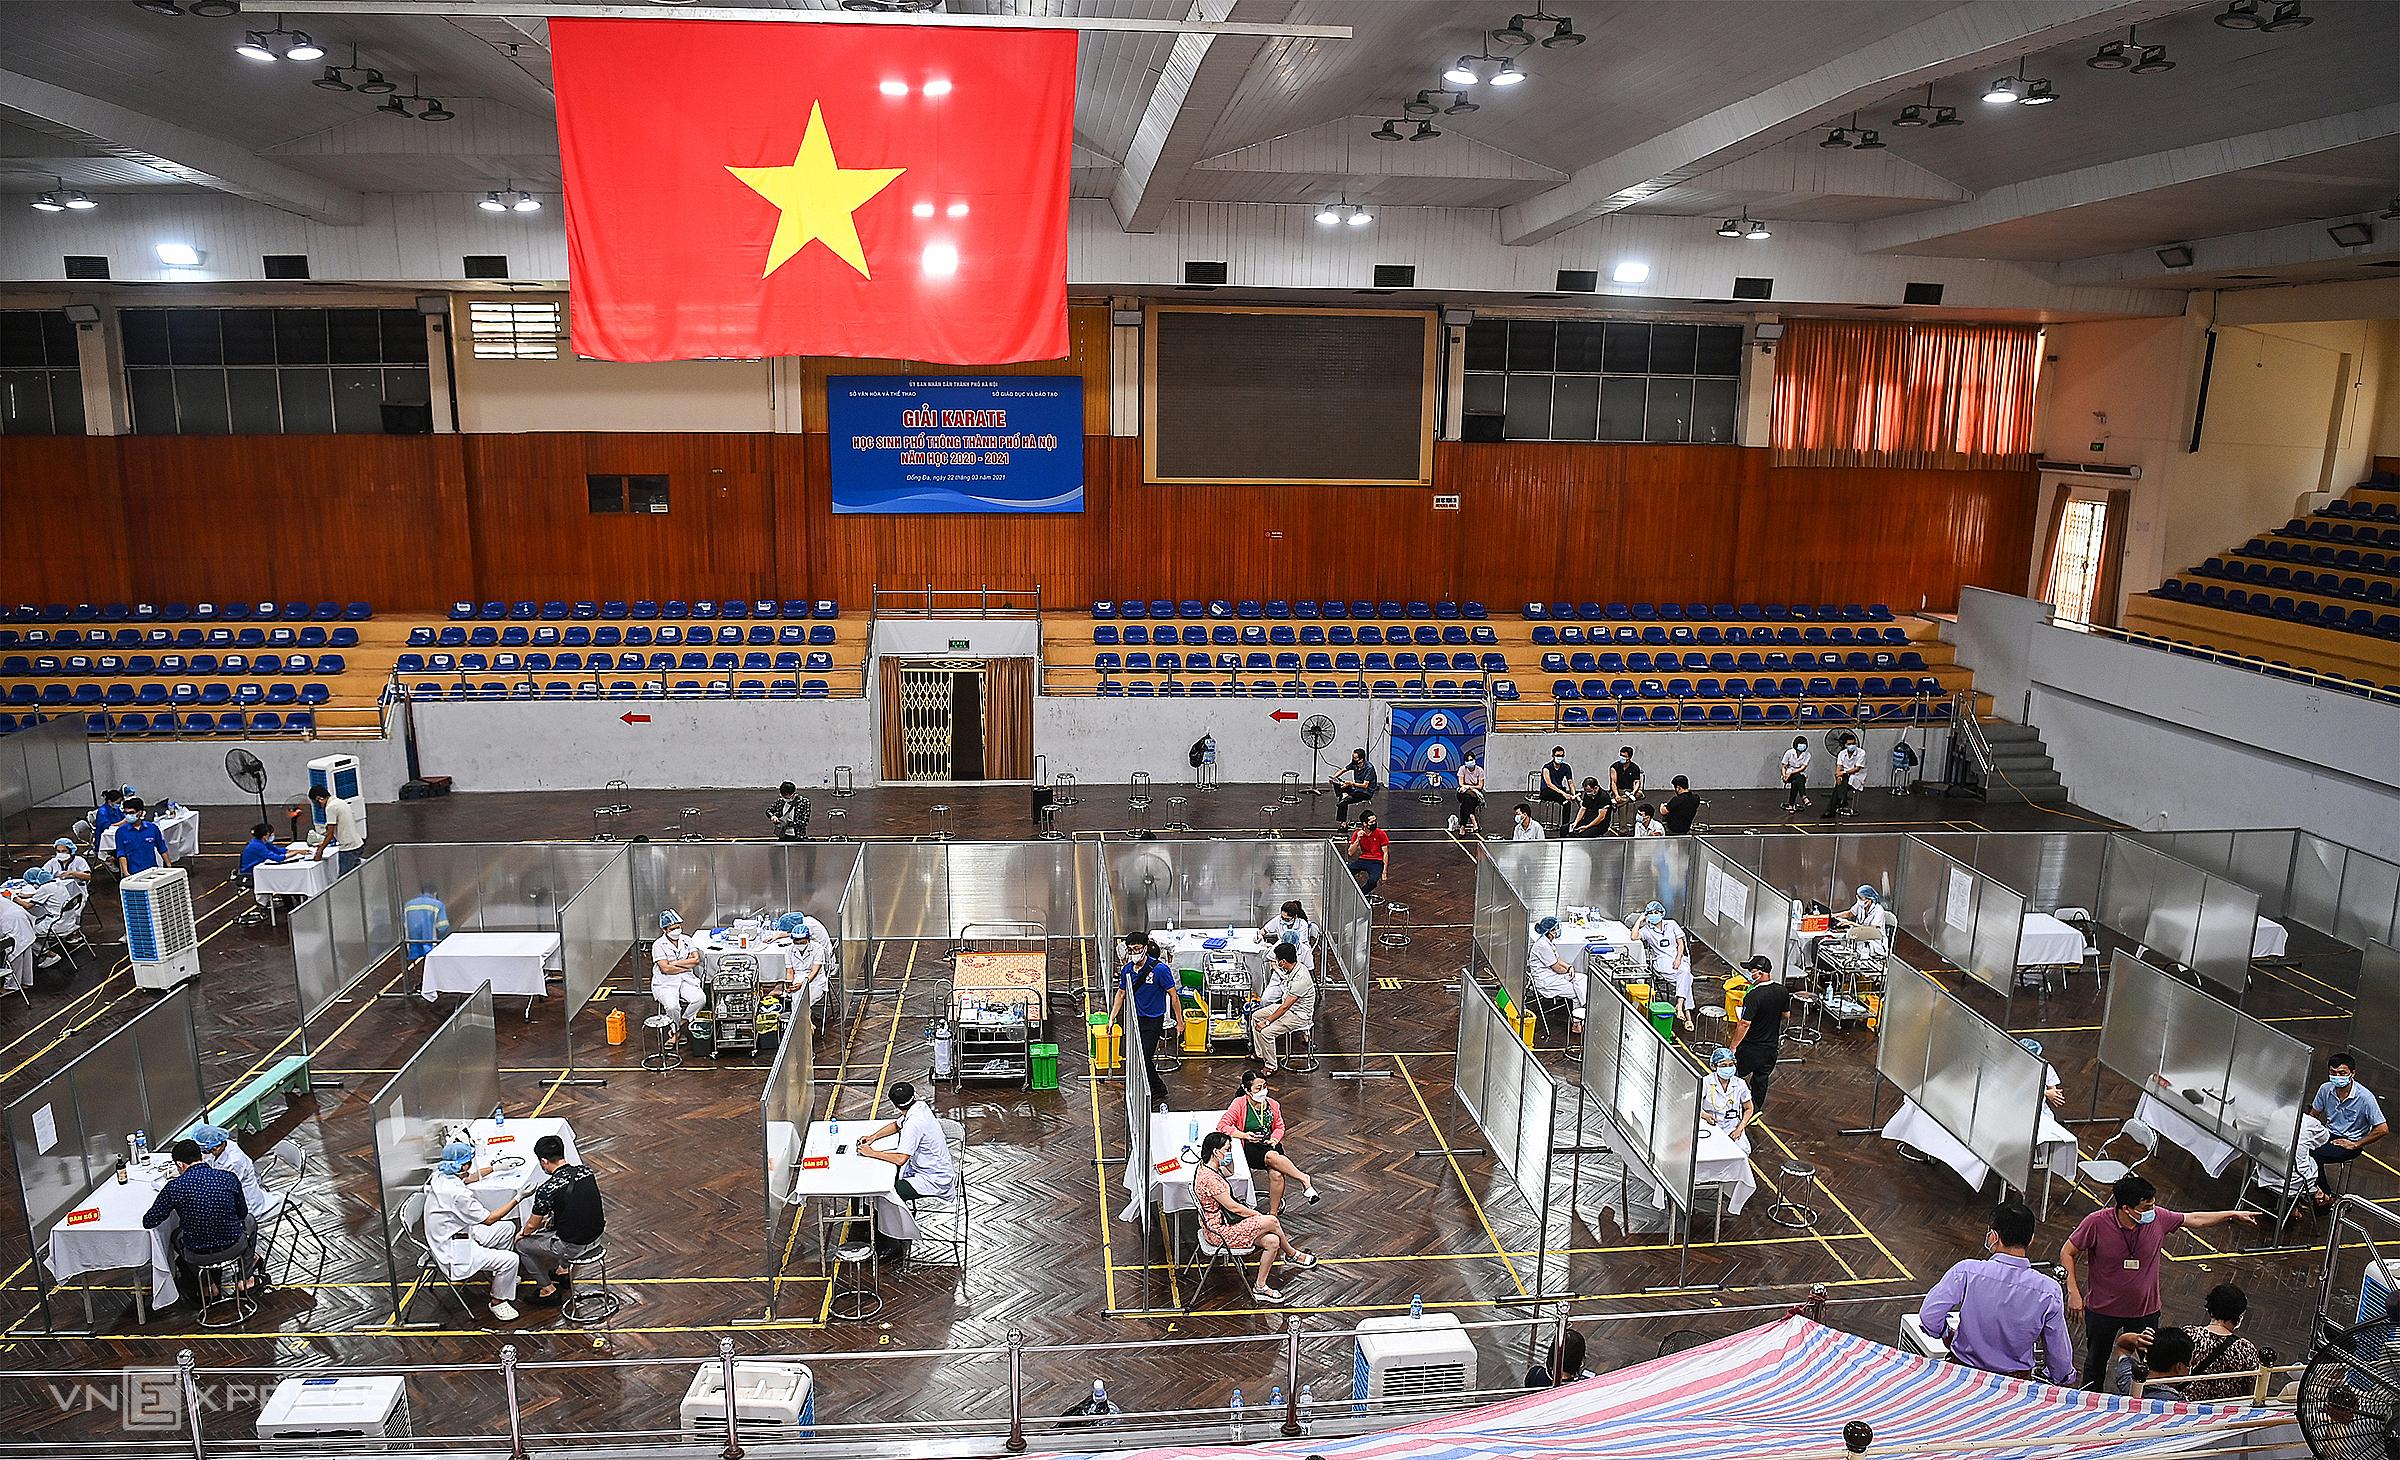 Tiêm vaccine Covid-19 diện rộng cho người dân tại Hà Nội ngày 4/8. Ảnh: Giang Huy